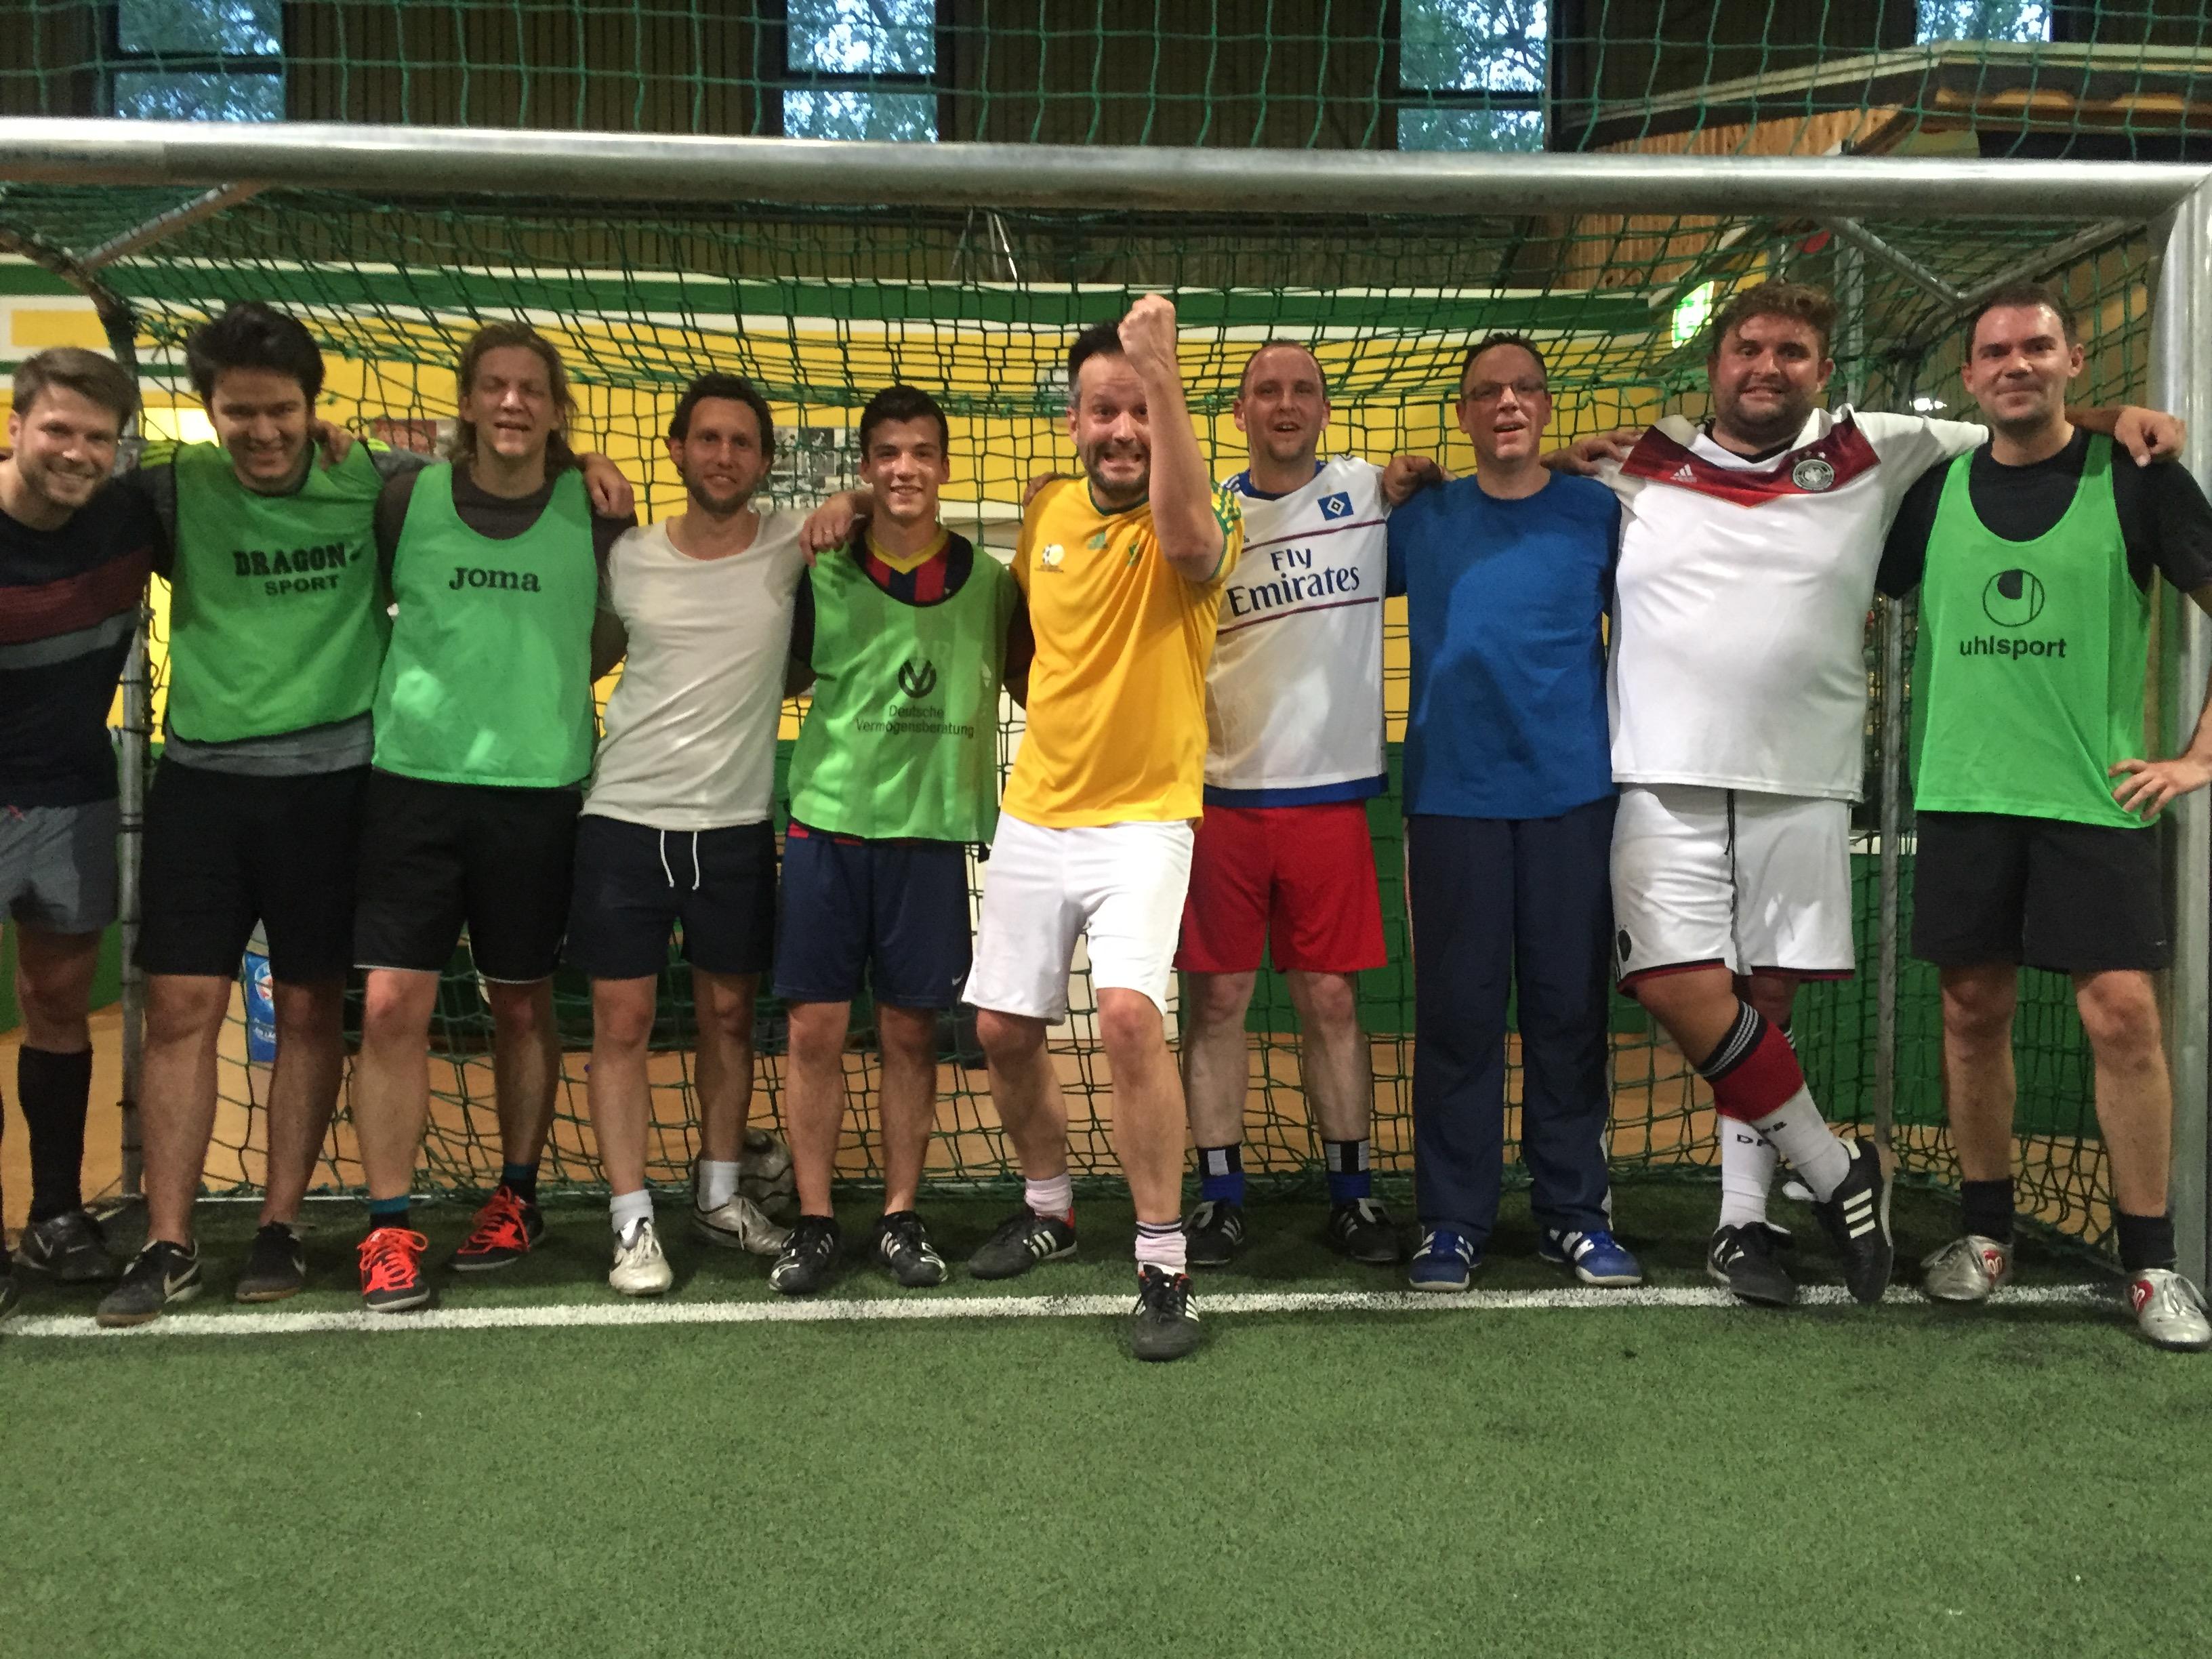 Fußball Team des MCRN